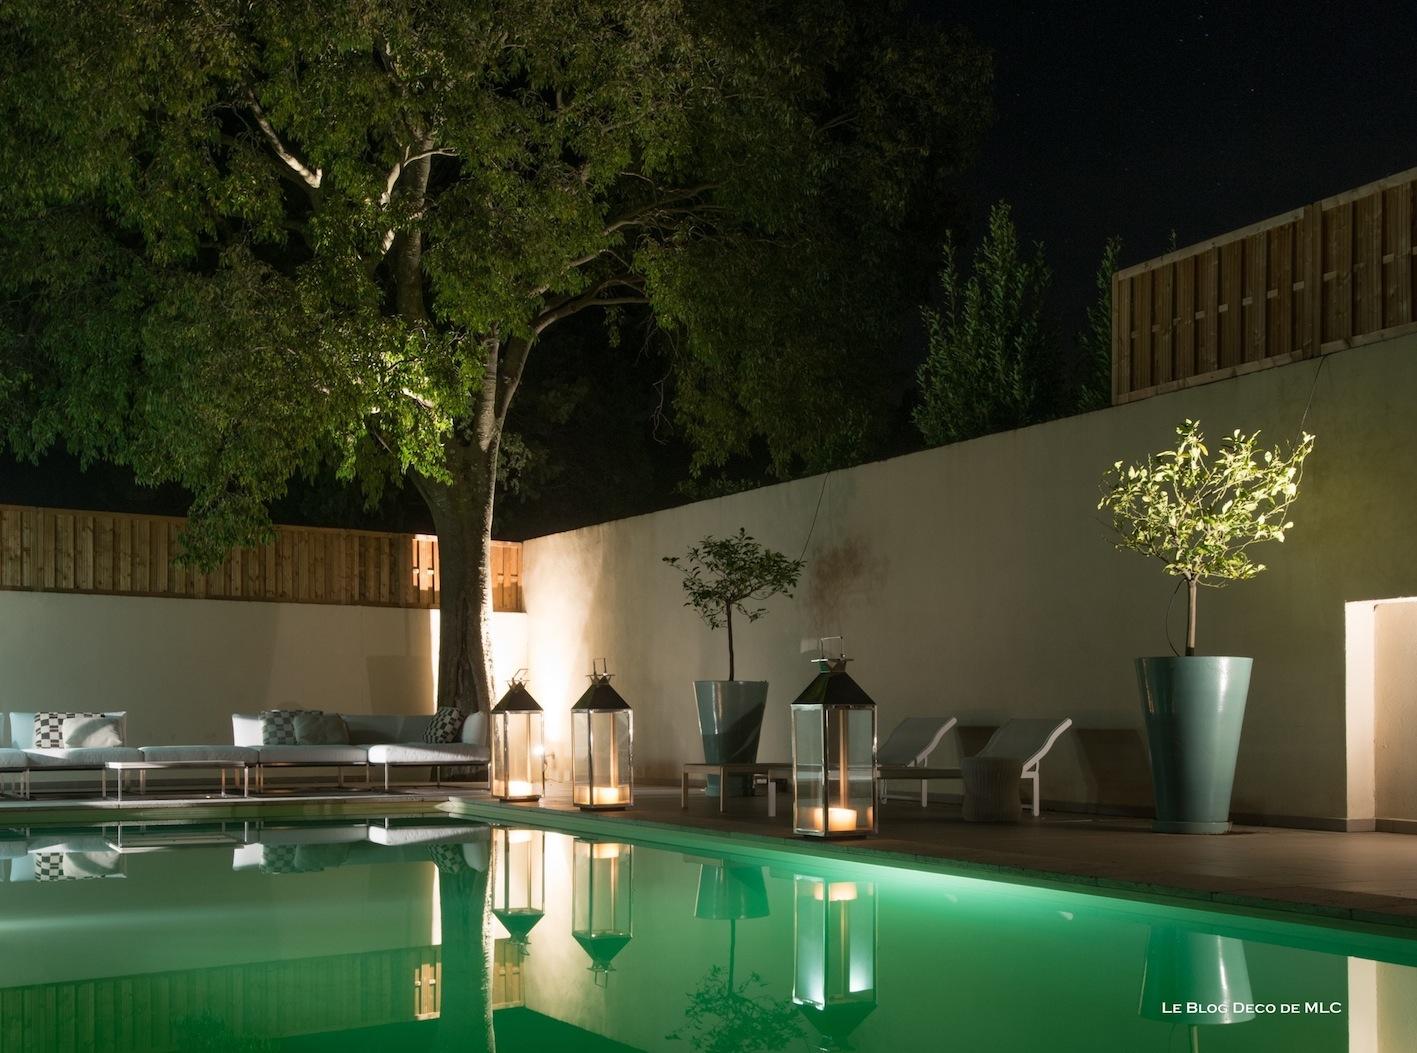 Eclairer la terrasse le soir avec des luminaires d co le for Luminaire pour terrasse